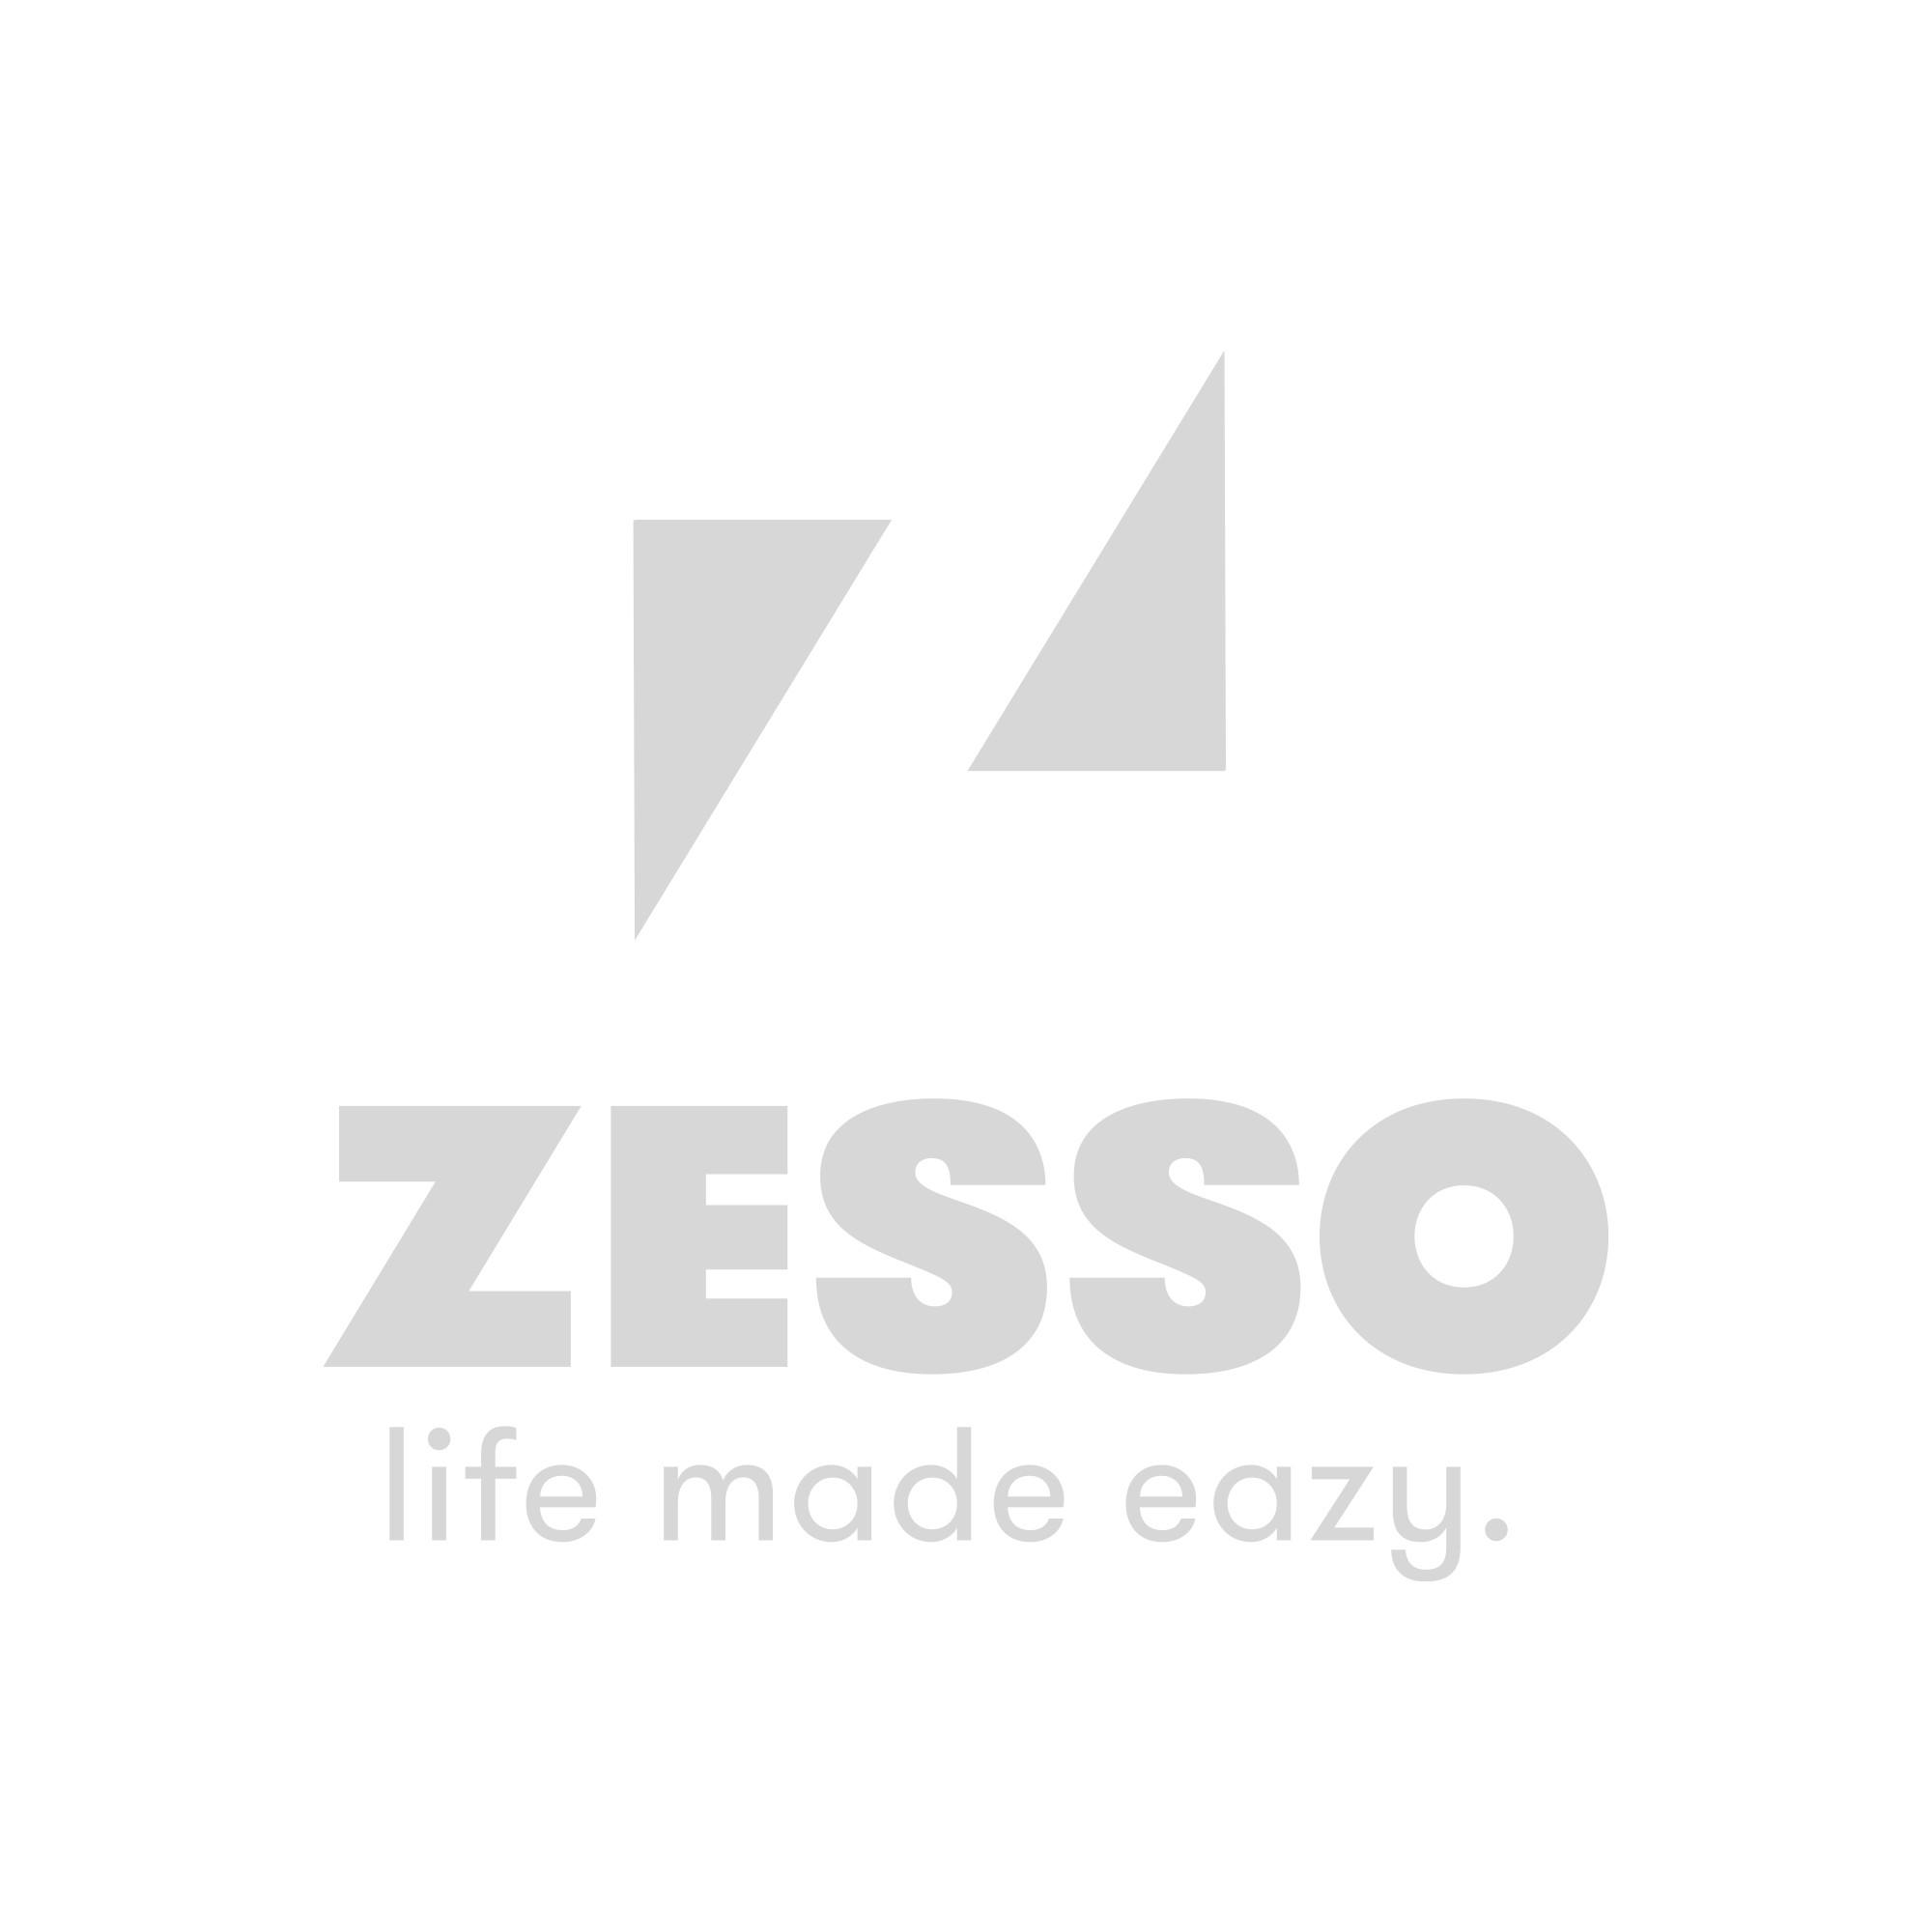 Jollein Couverture Lit Bébé Fancy Knit Soft Gris - 120 Cm X 150 Cm